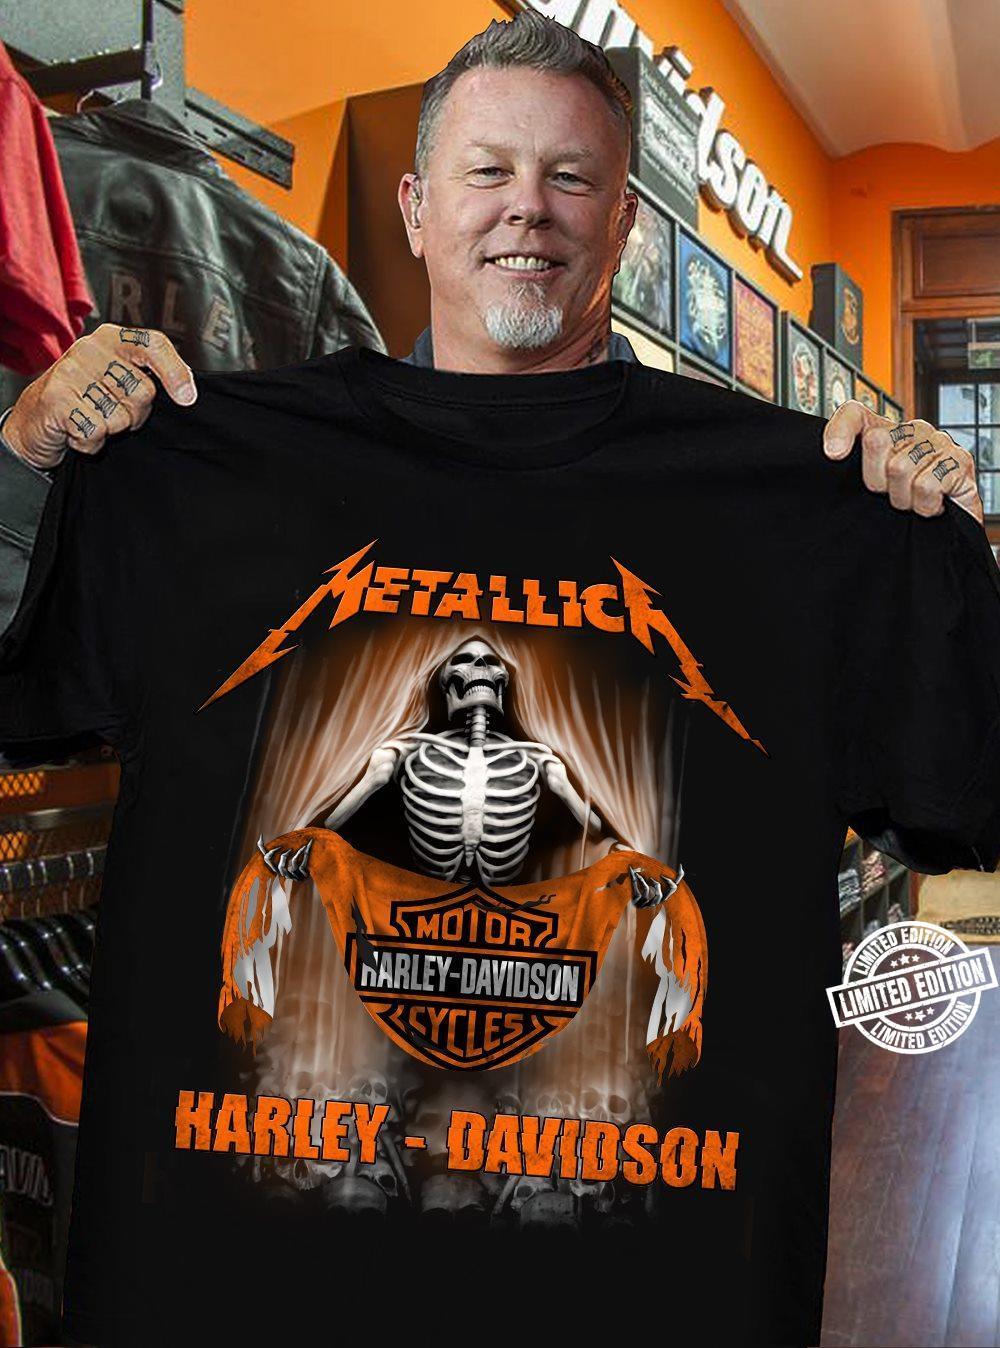 Metallica motor harley davidson shirt